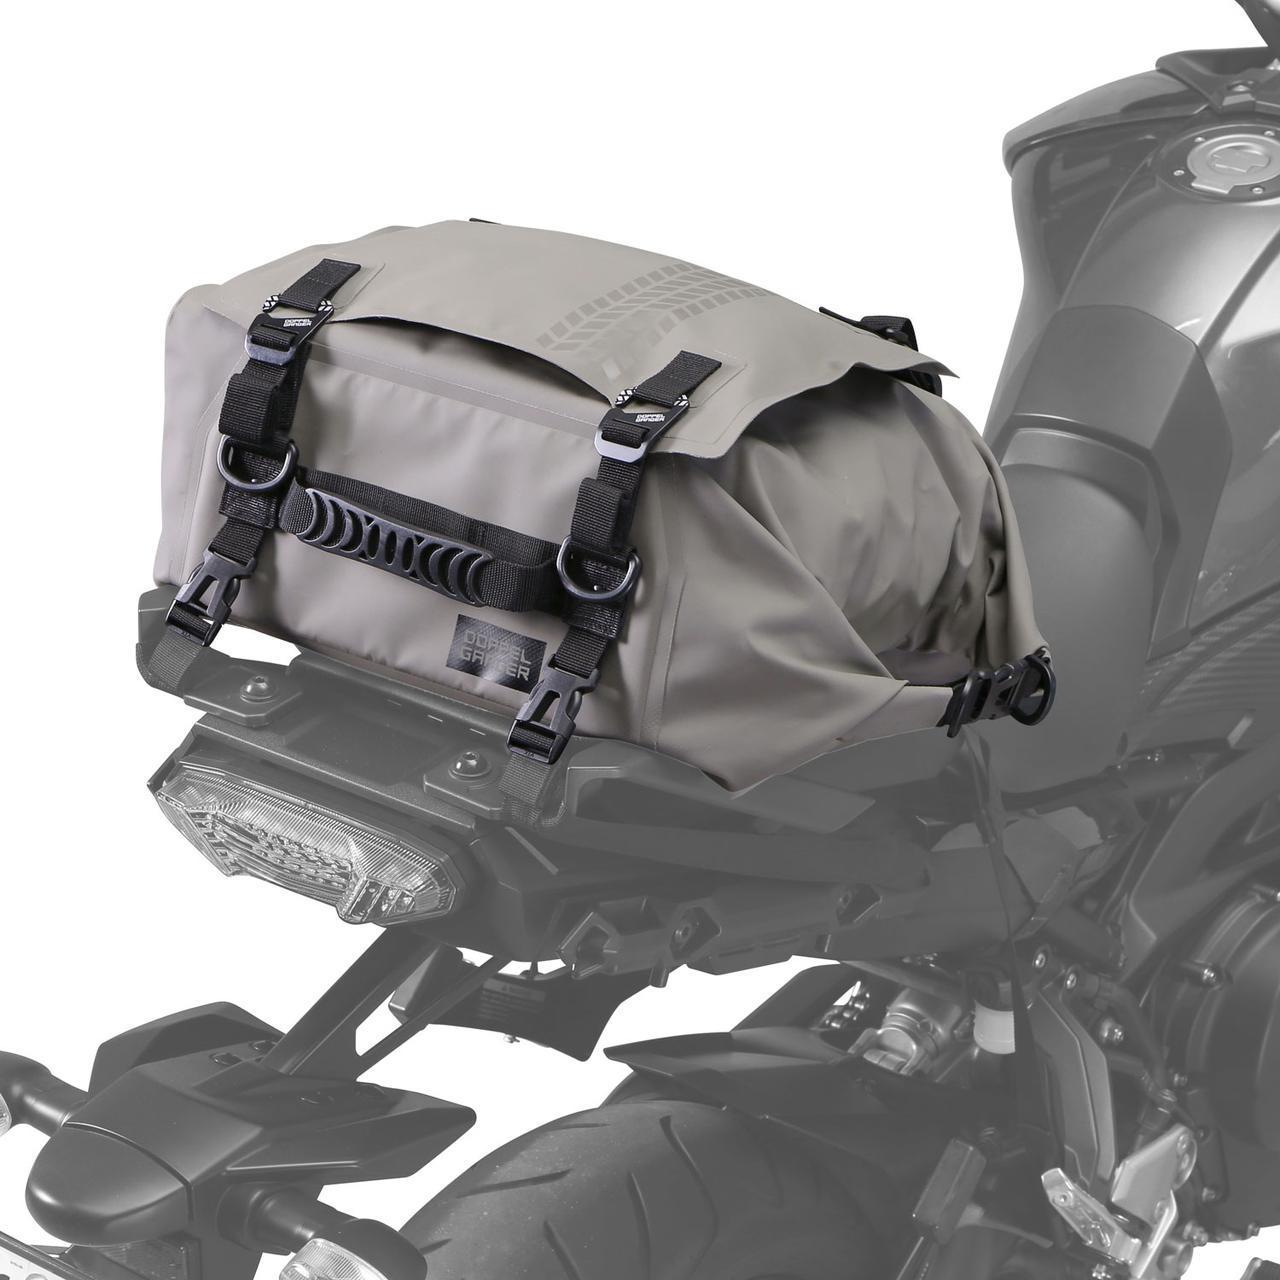 画像: 日帰りツーリングにちょうどいい防水シートバッグがドッペルギャンガーから登場! - webオートバイ